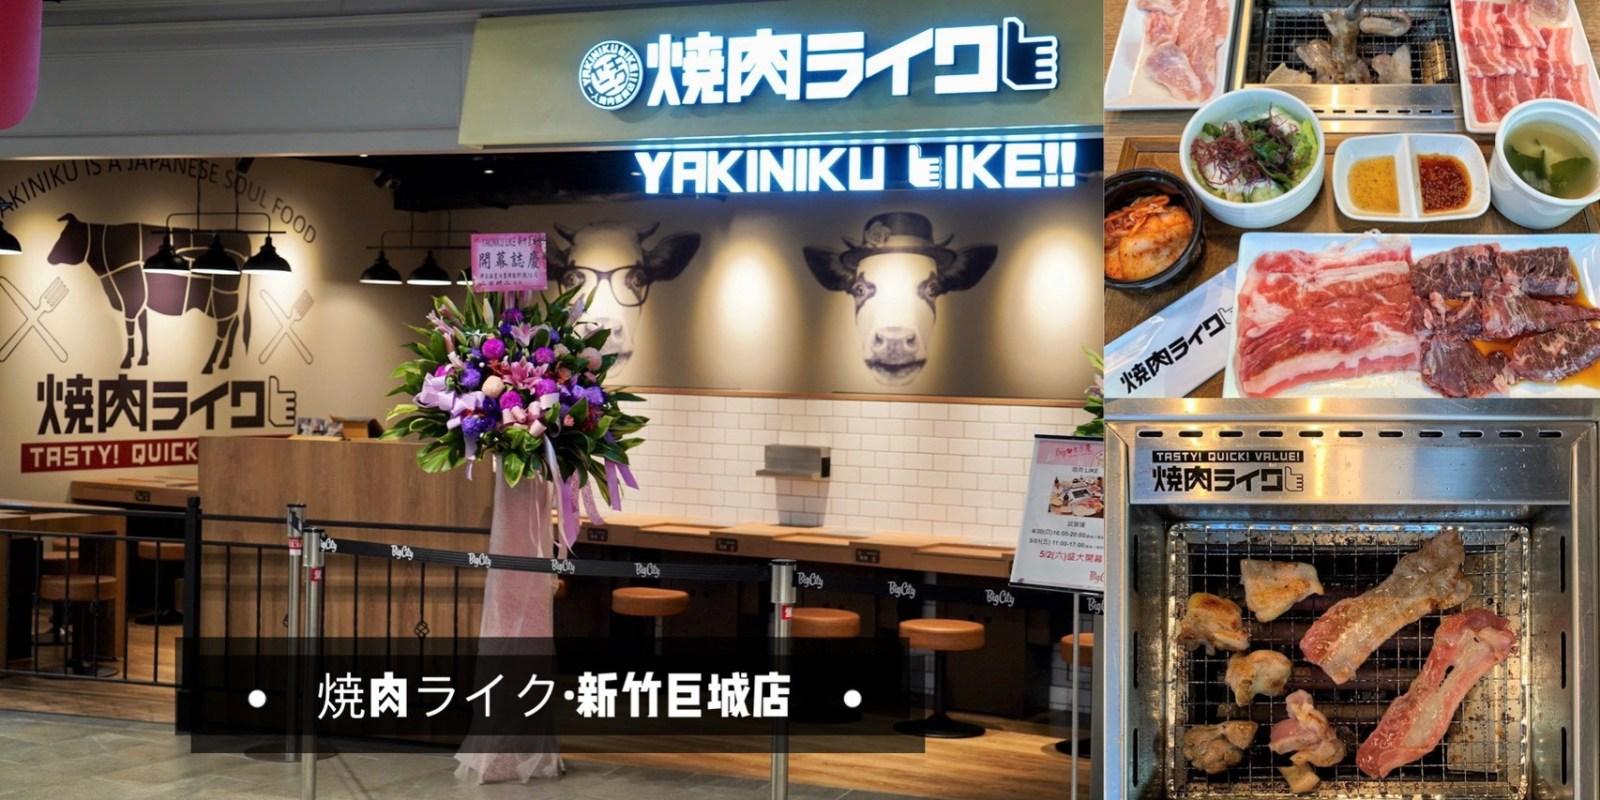 超夯一人燒肉『燒肉LIKE』正式插旗「新竹巨城」啦!170元起就能吃到套餐囉!4/30-5/1試營運、5/2正式開幕!